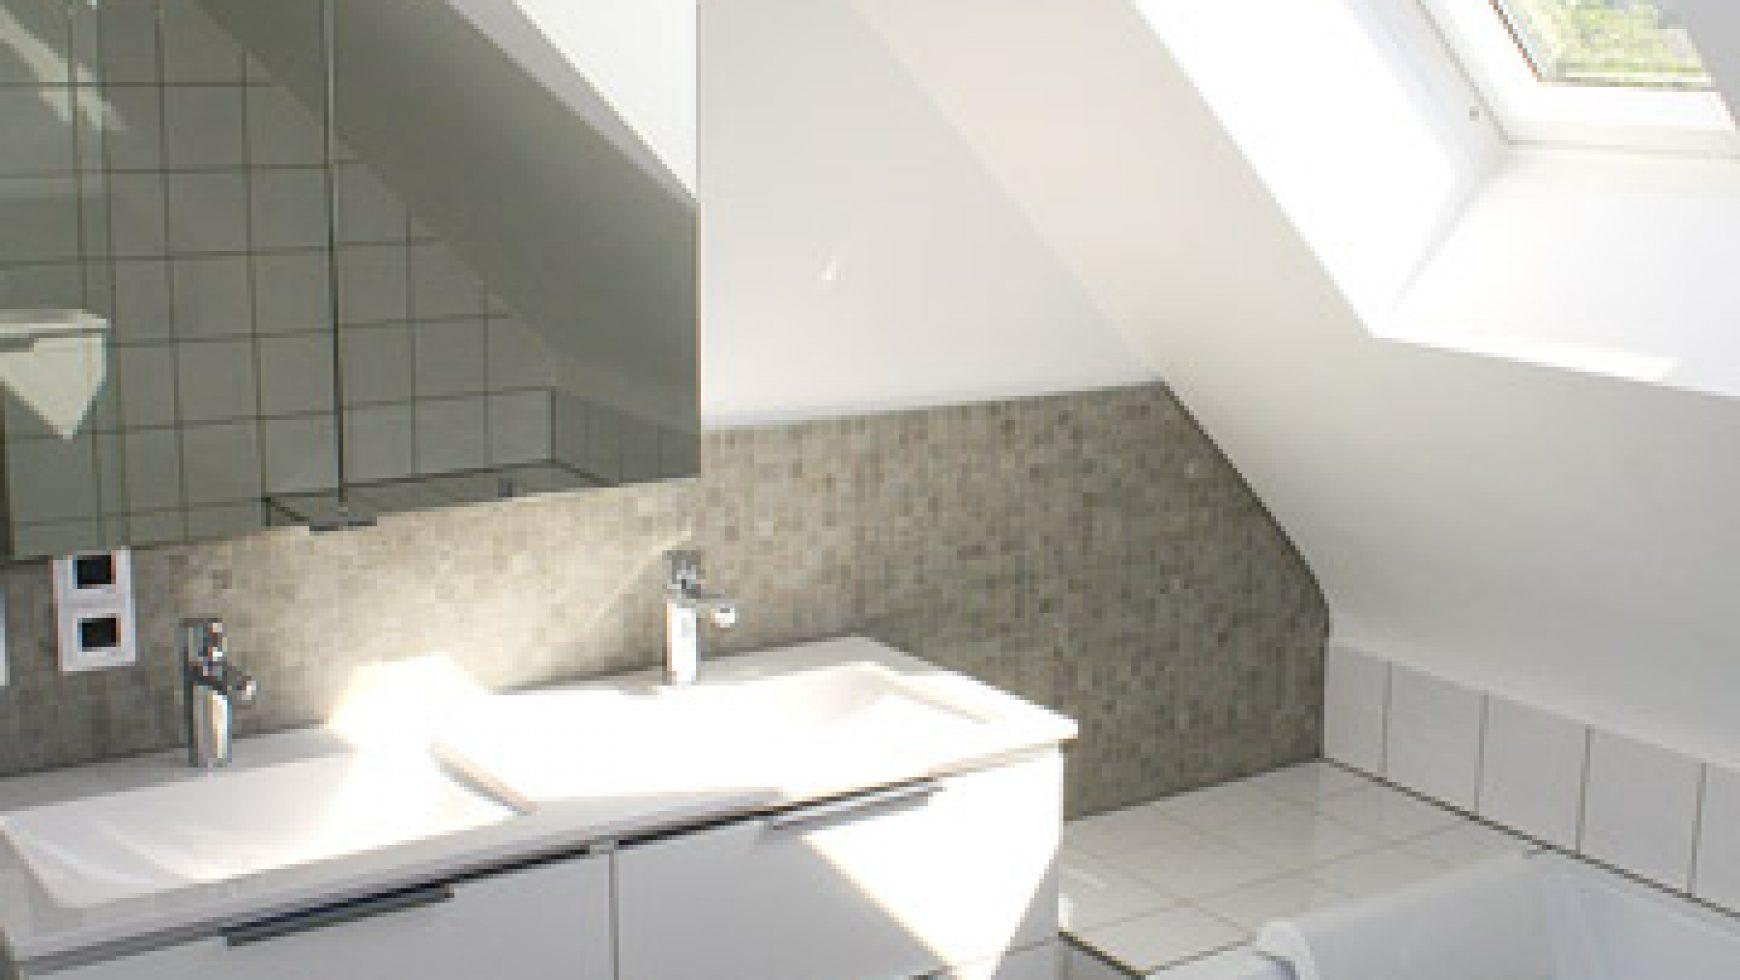 Rénovation & installation chauffage par le sol d'une maison 3 chambres